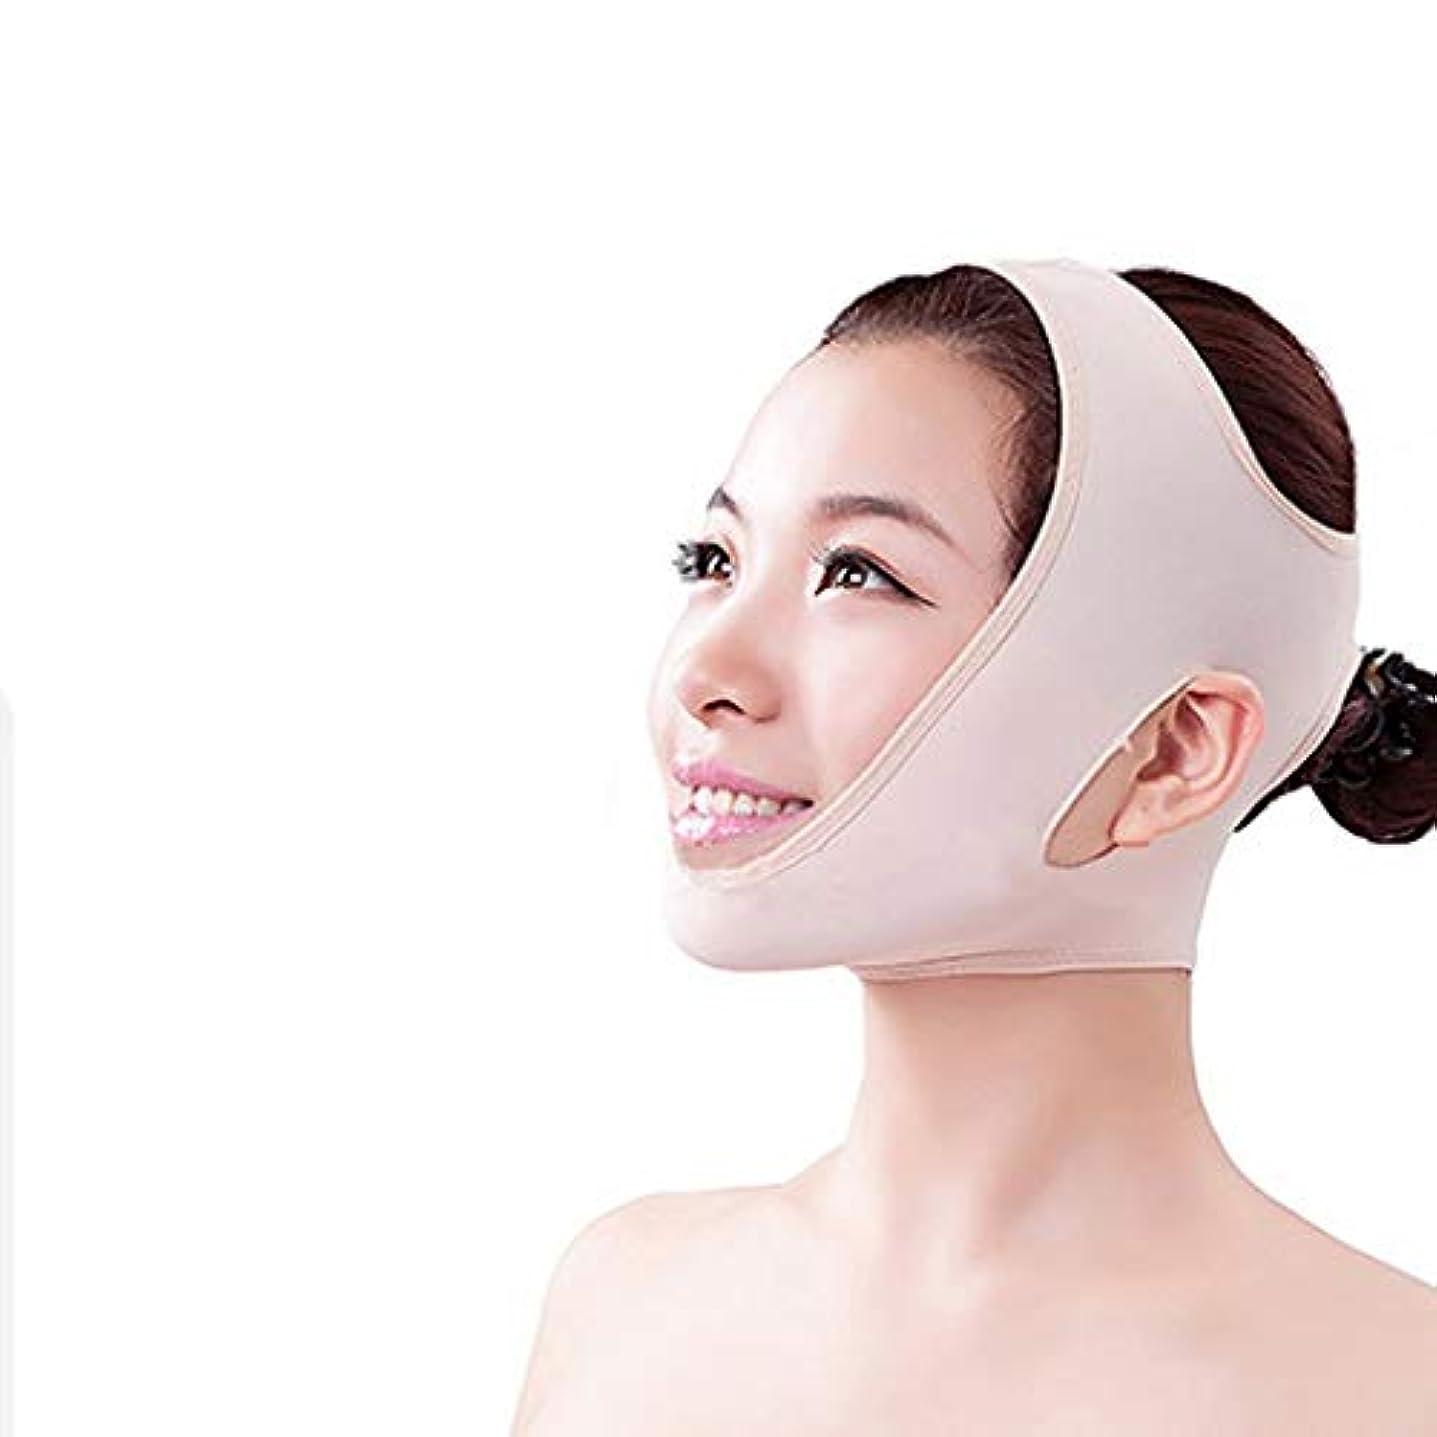 荒れ地機械的にアウトドア顔面顔マスク v 顔リフトリフティング引き締め睡眠ライン刻まれた顔包帯,L